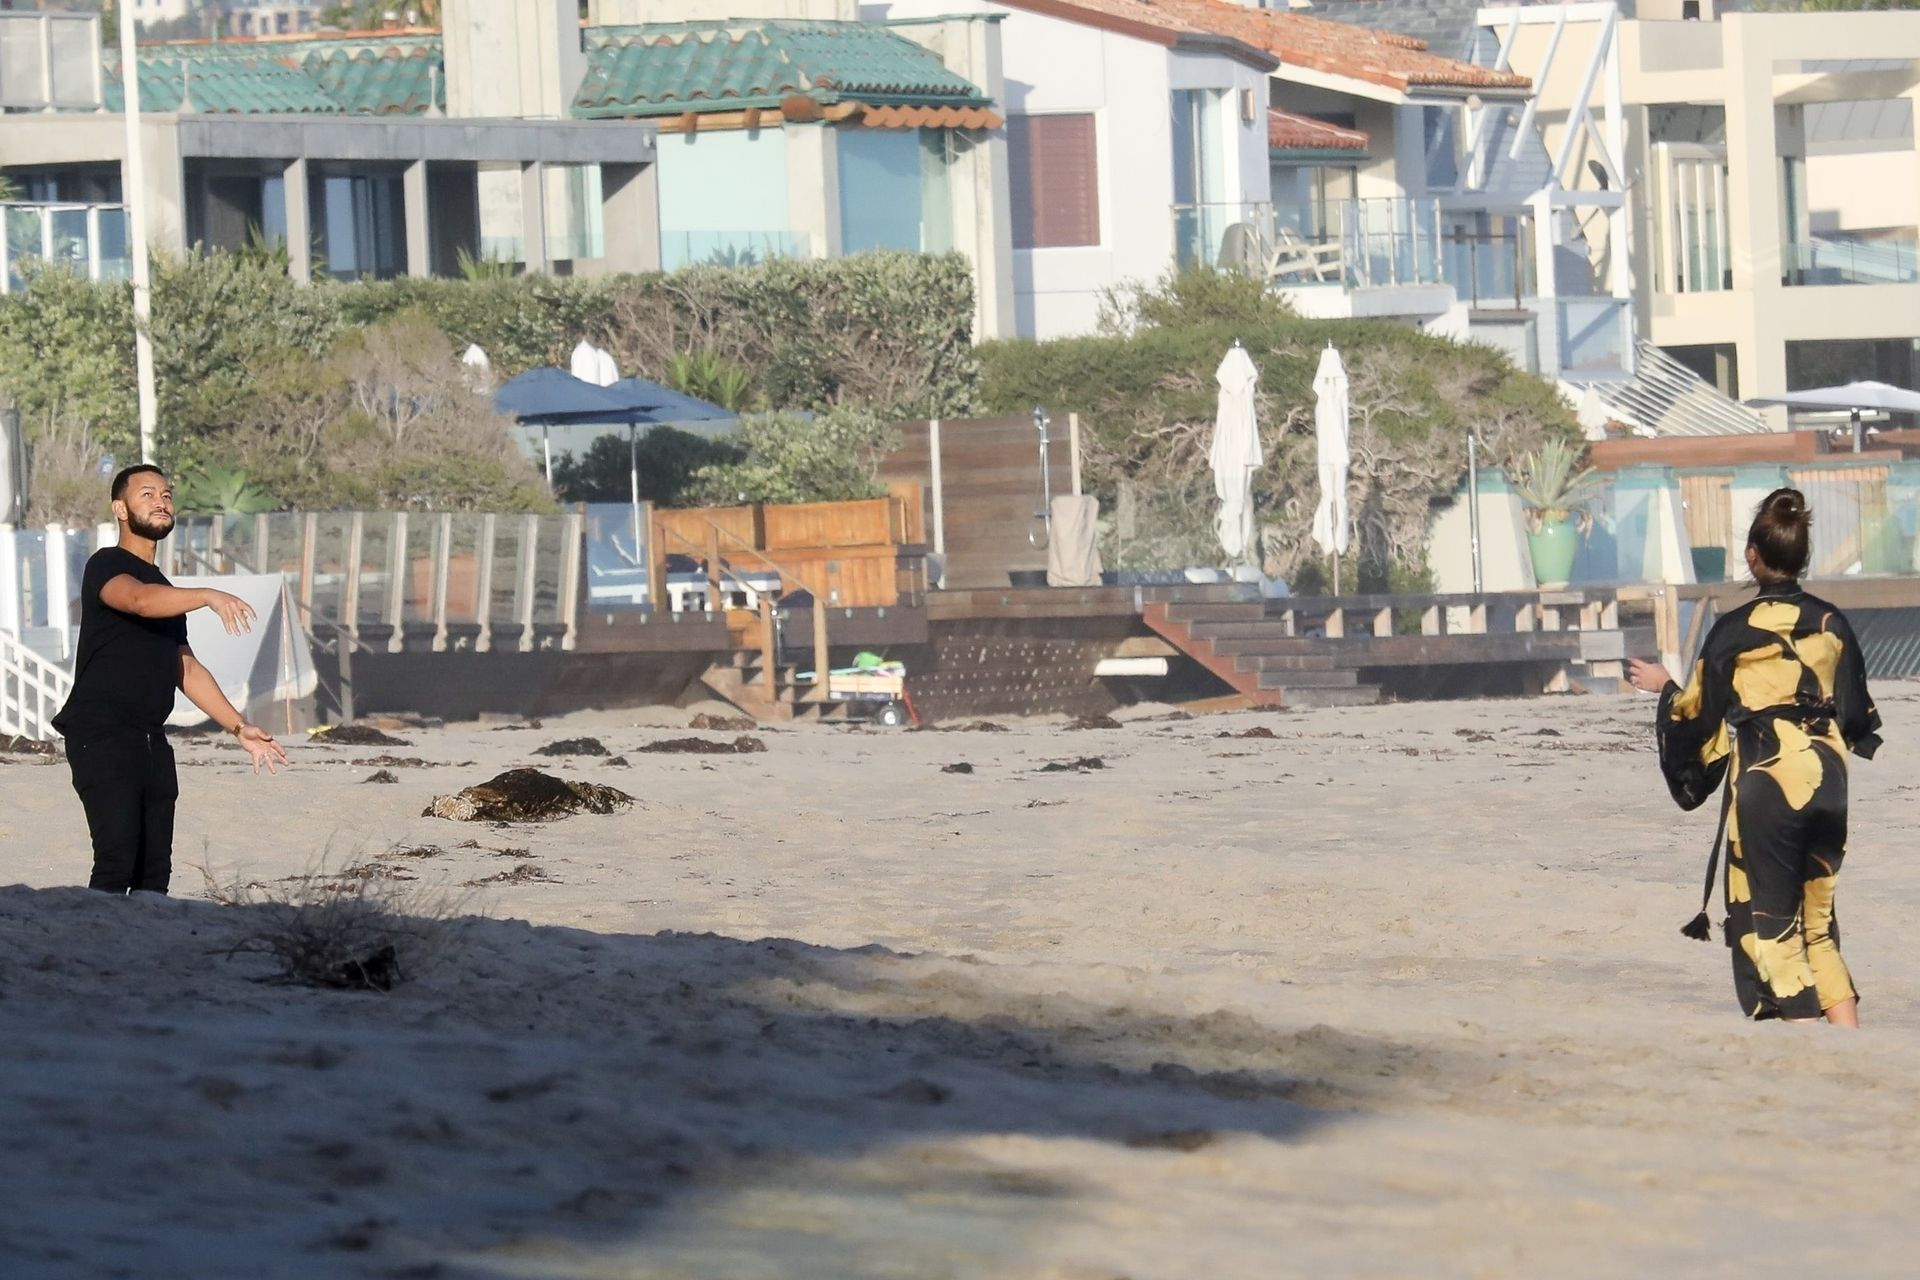 Chrissy Teigen Enjoys A Beach Day In Malibu Amid All Coronavirus Chaos 0022